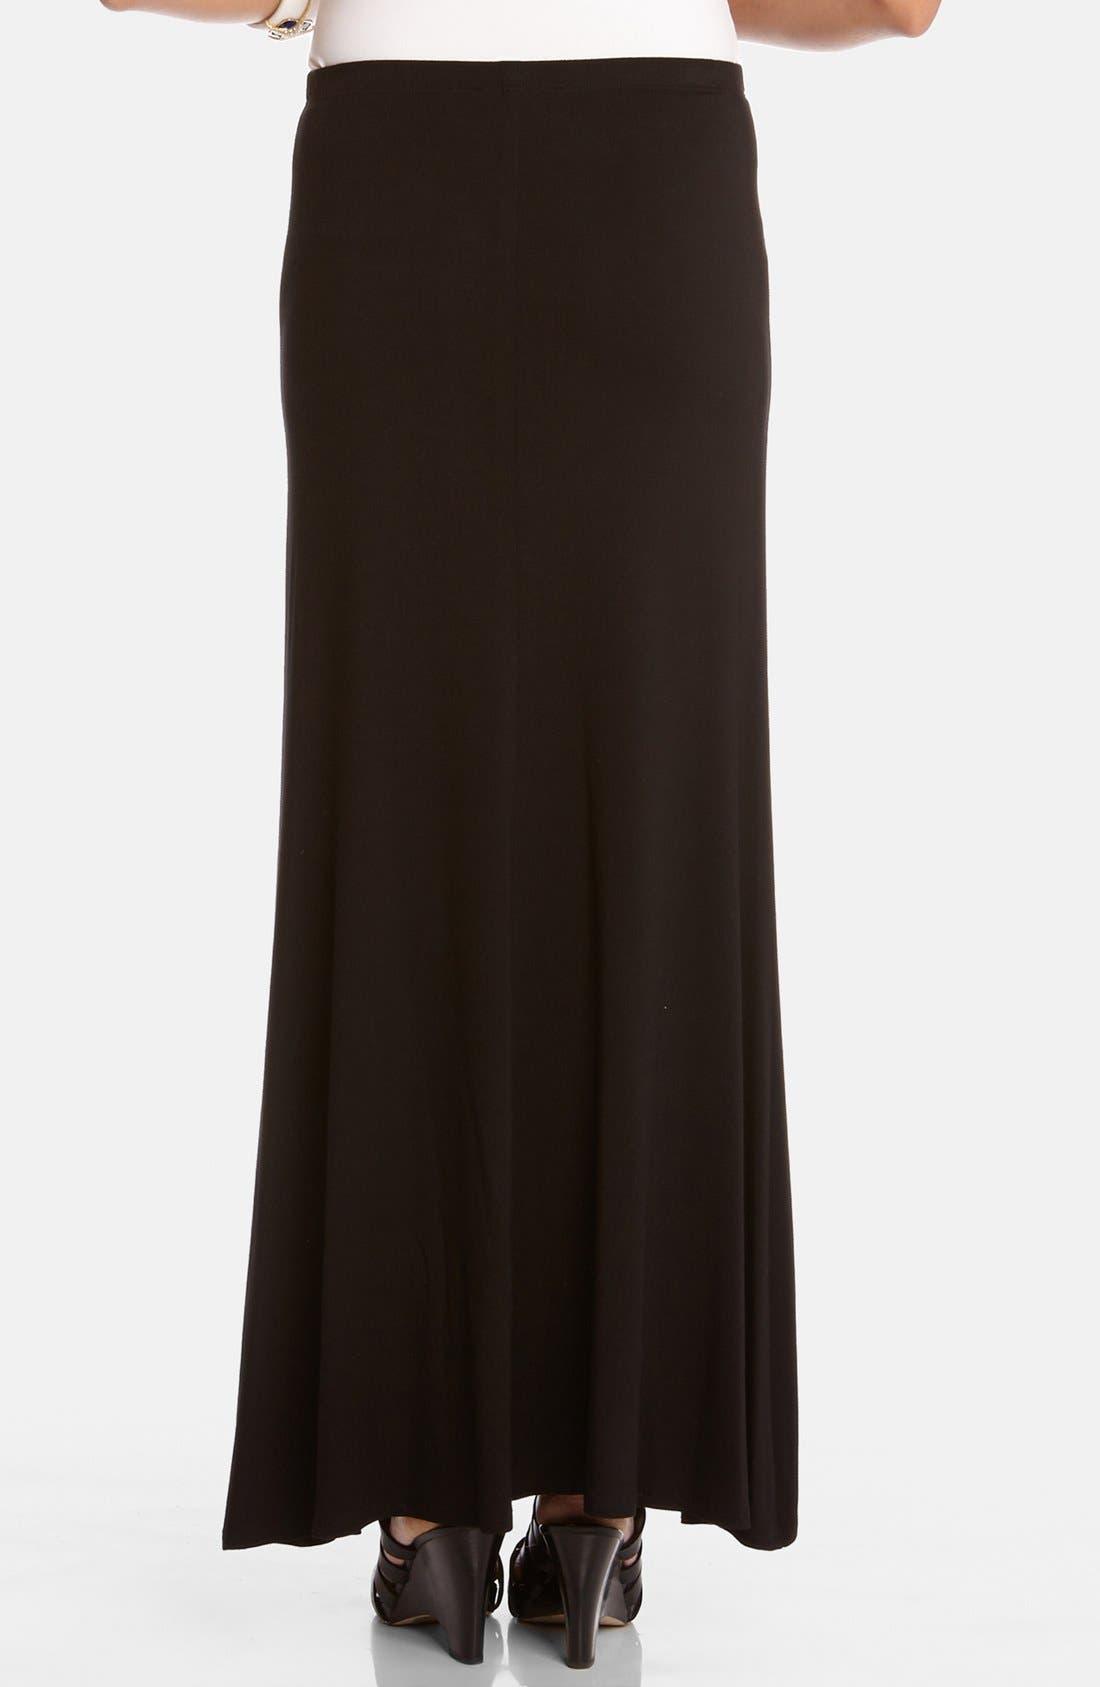 KAREN KANE, Flared Maxi Skirt, Alternate thumbnail 2, color, BLACK